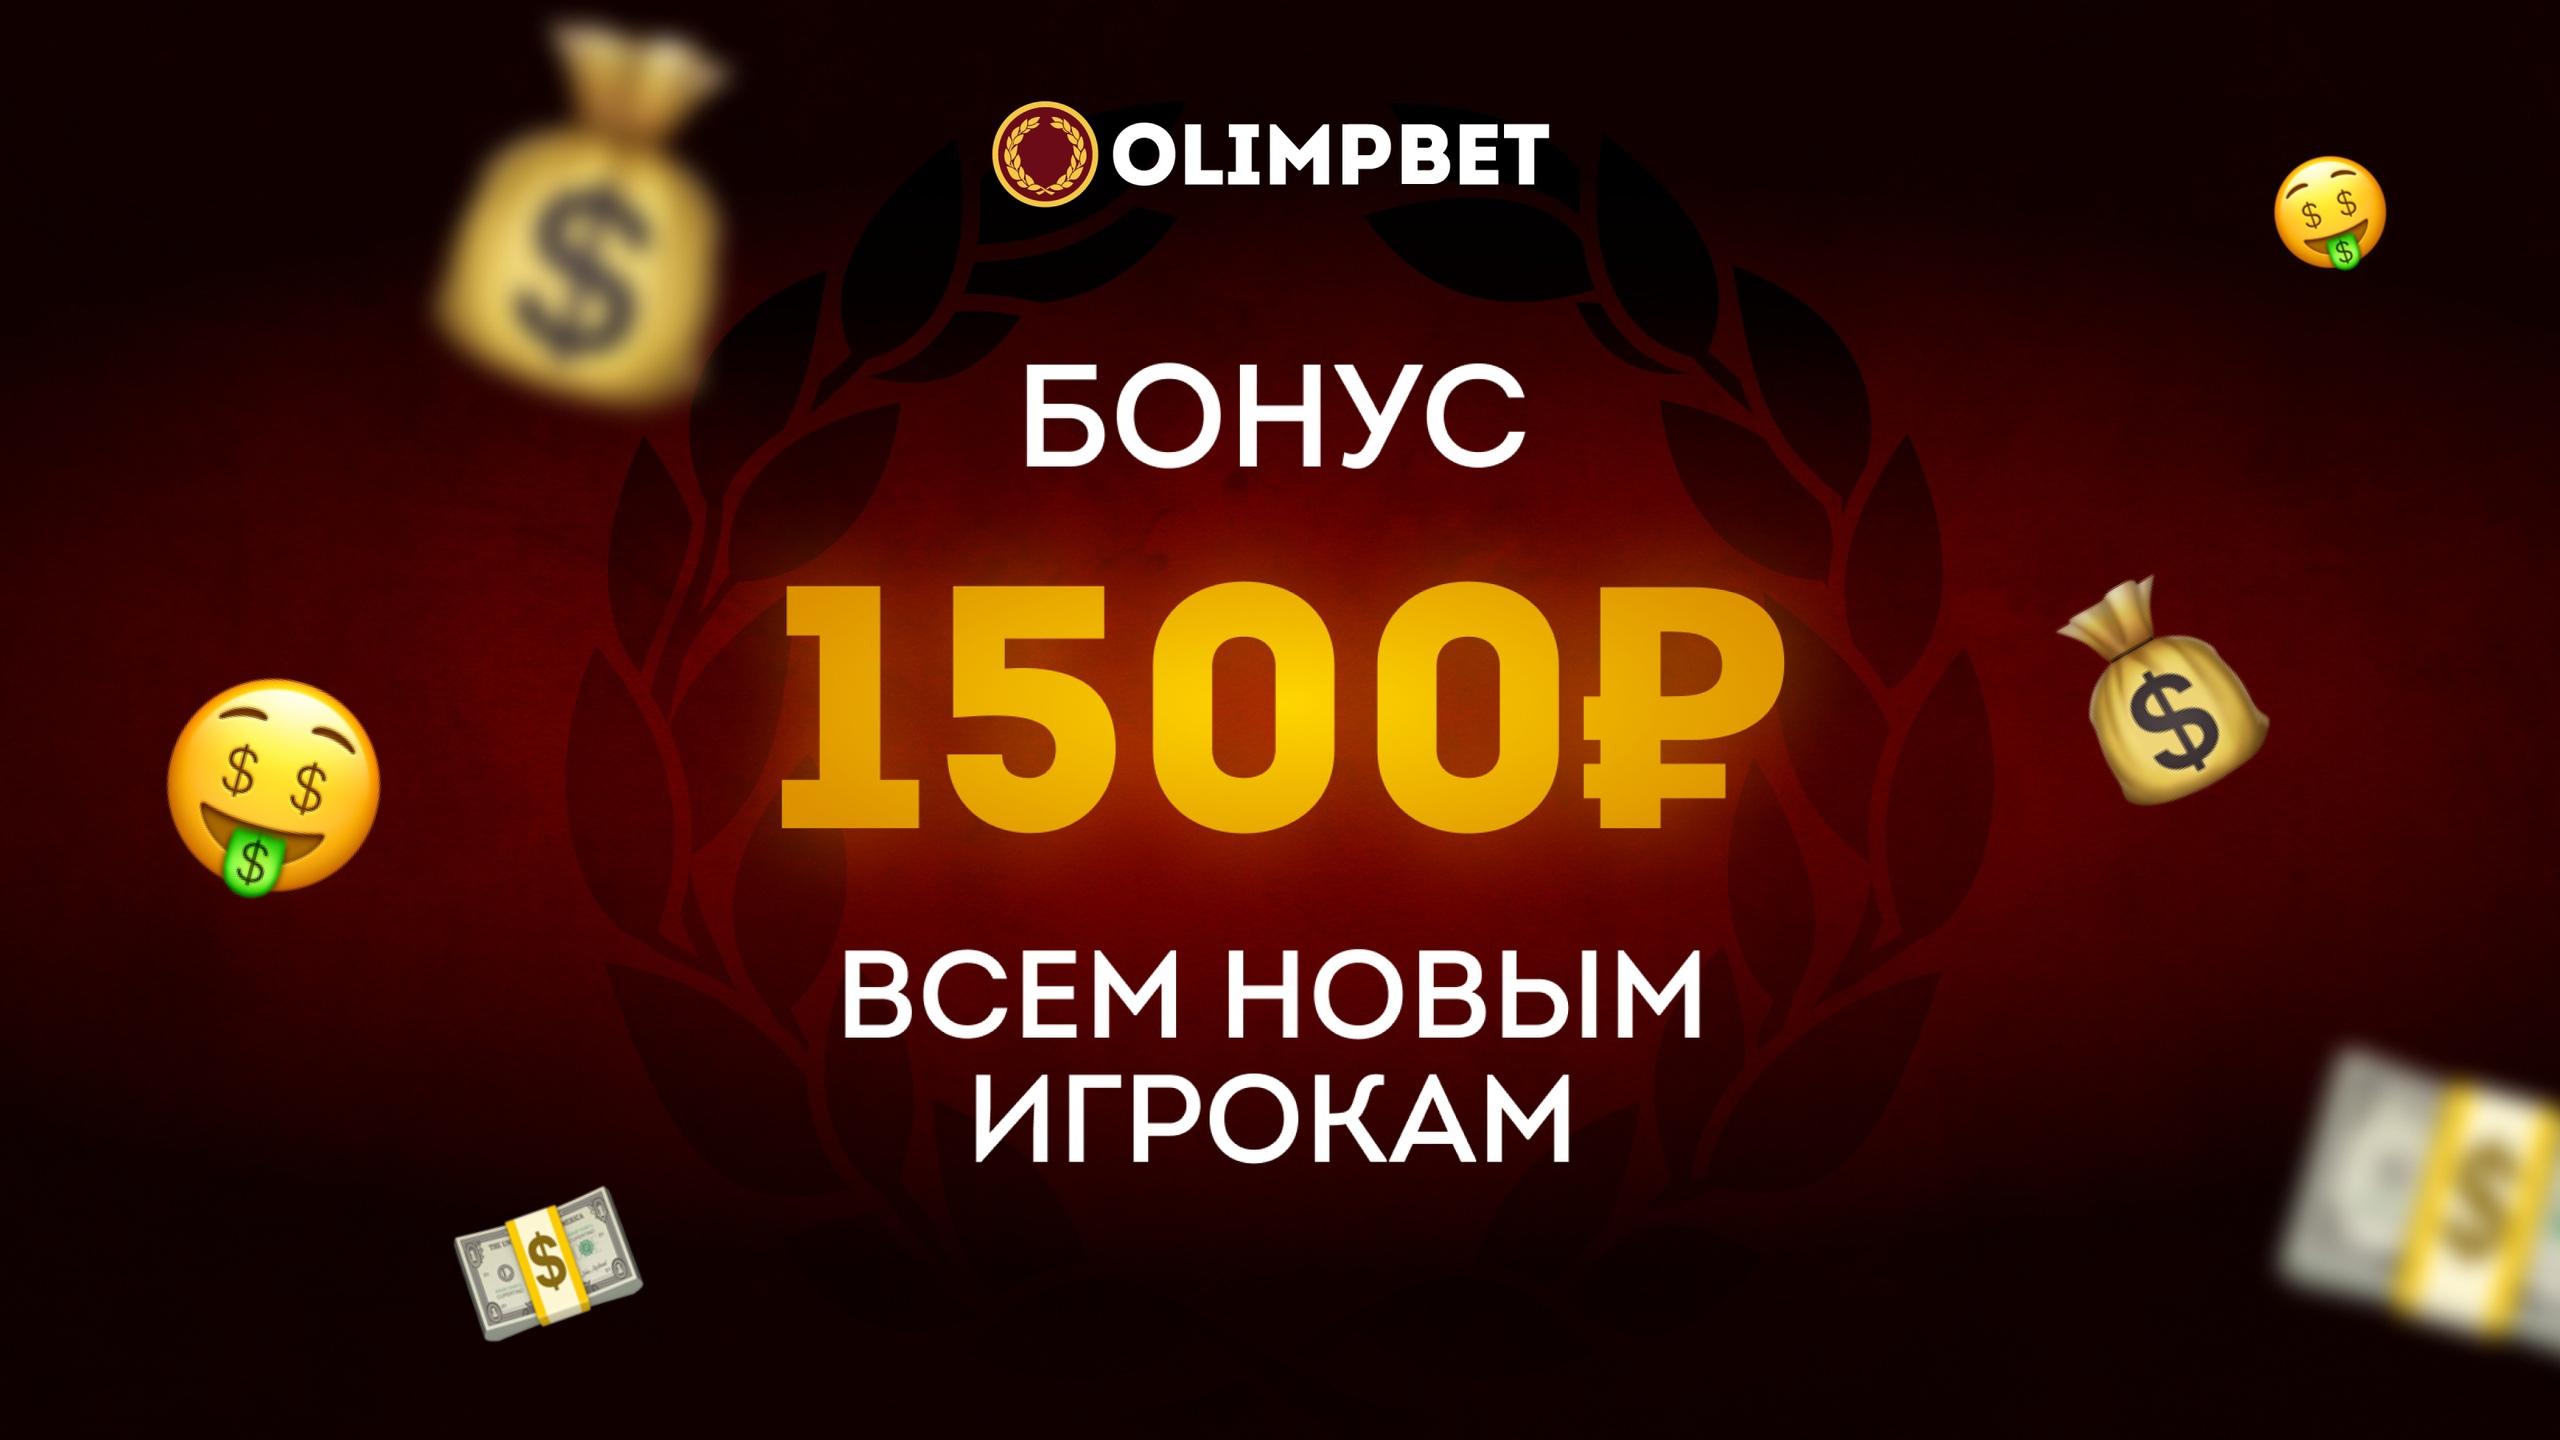 Обновленный welcome-бонус от Olimpbet: новые клиенты получат до 1500 рублей